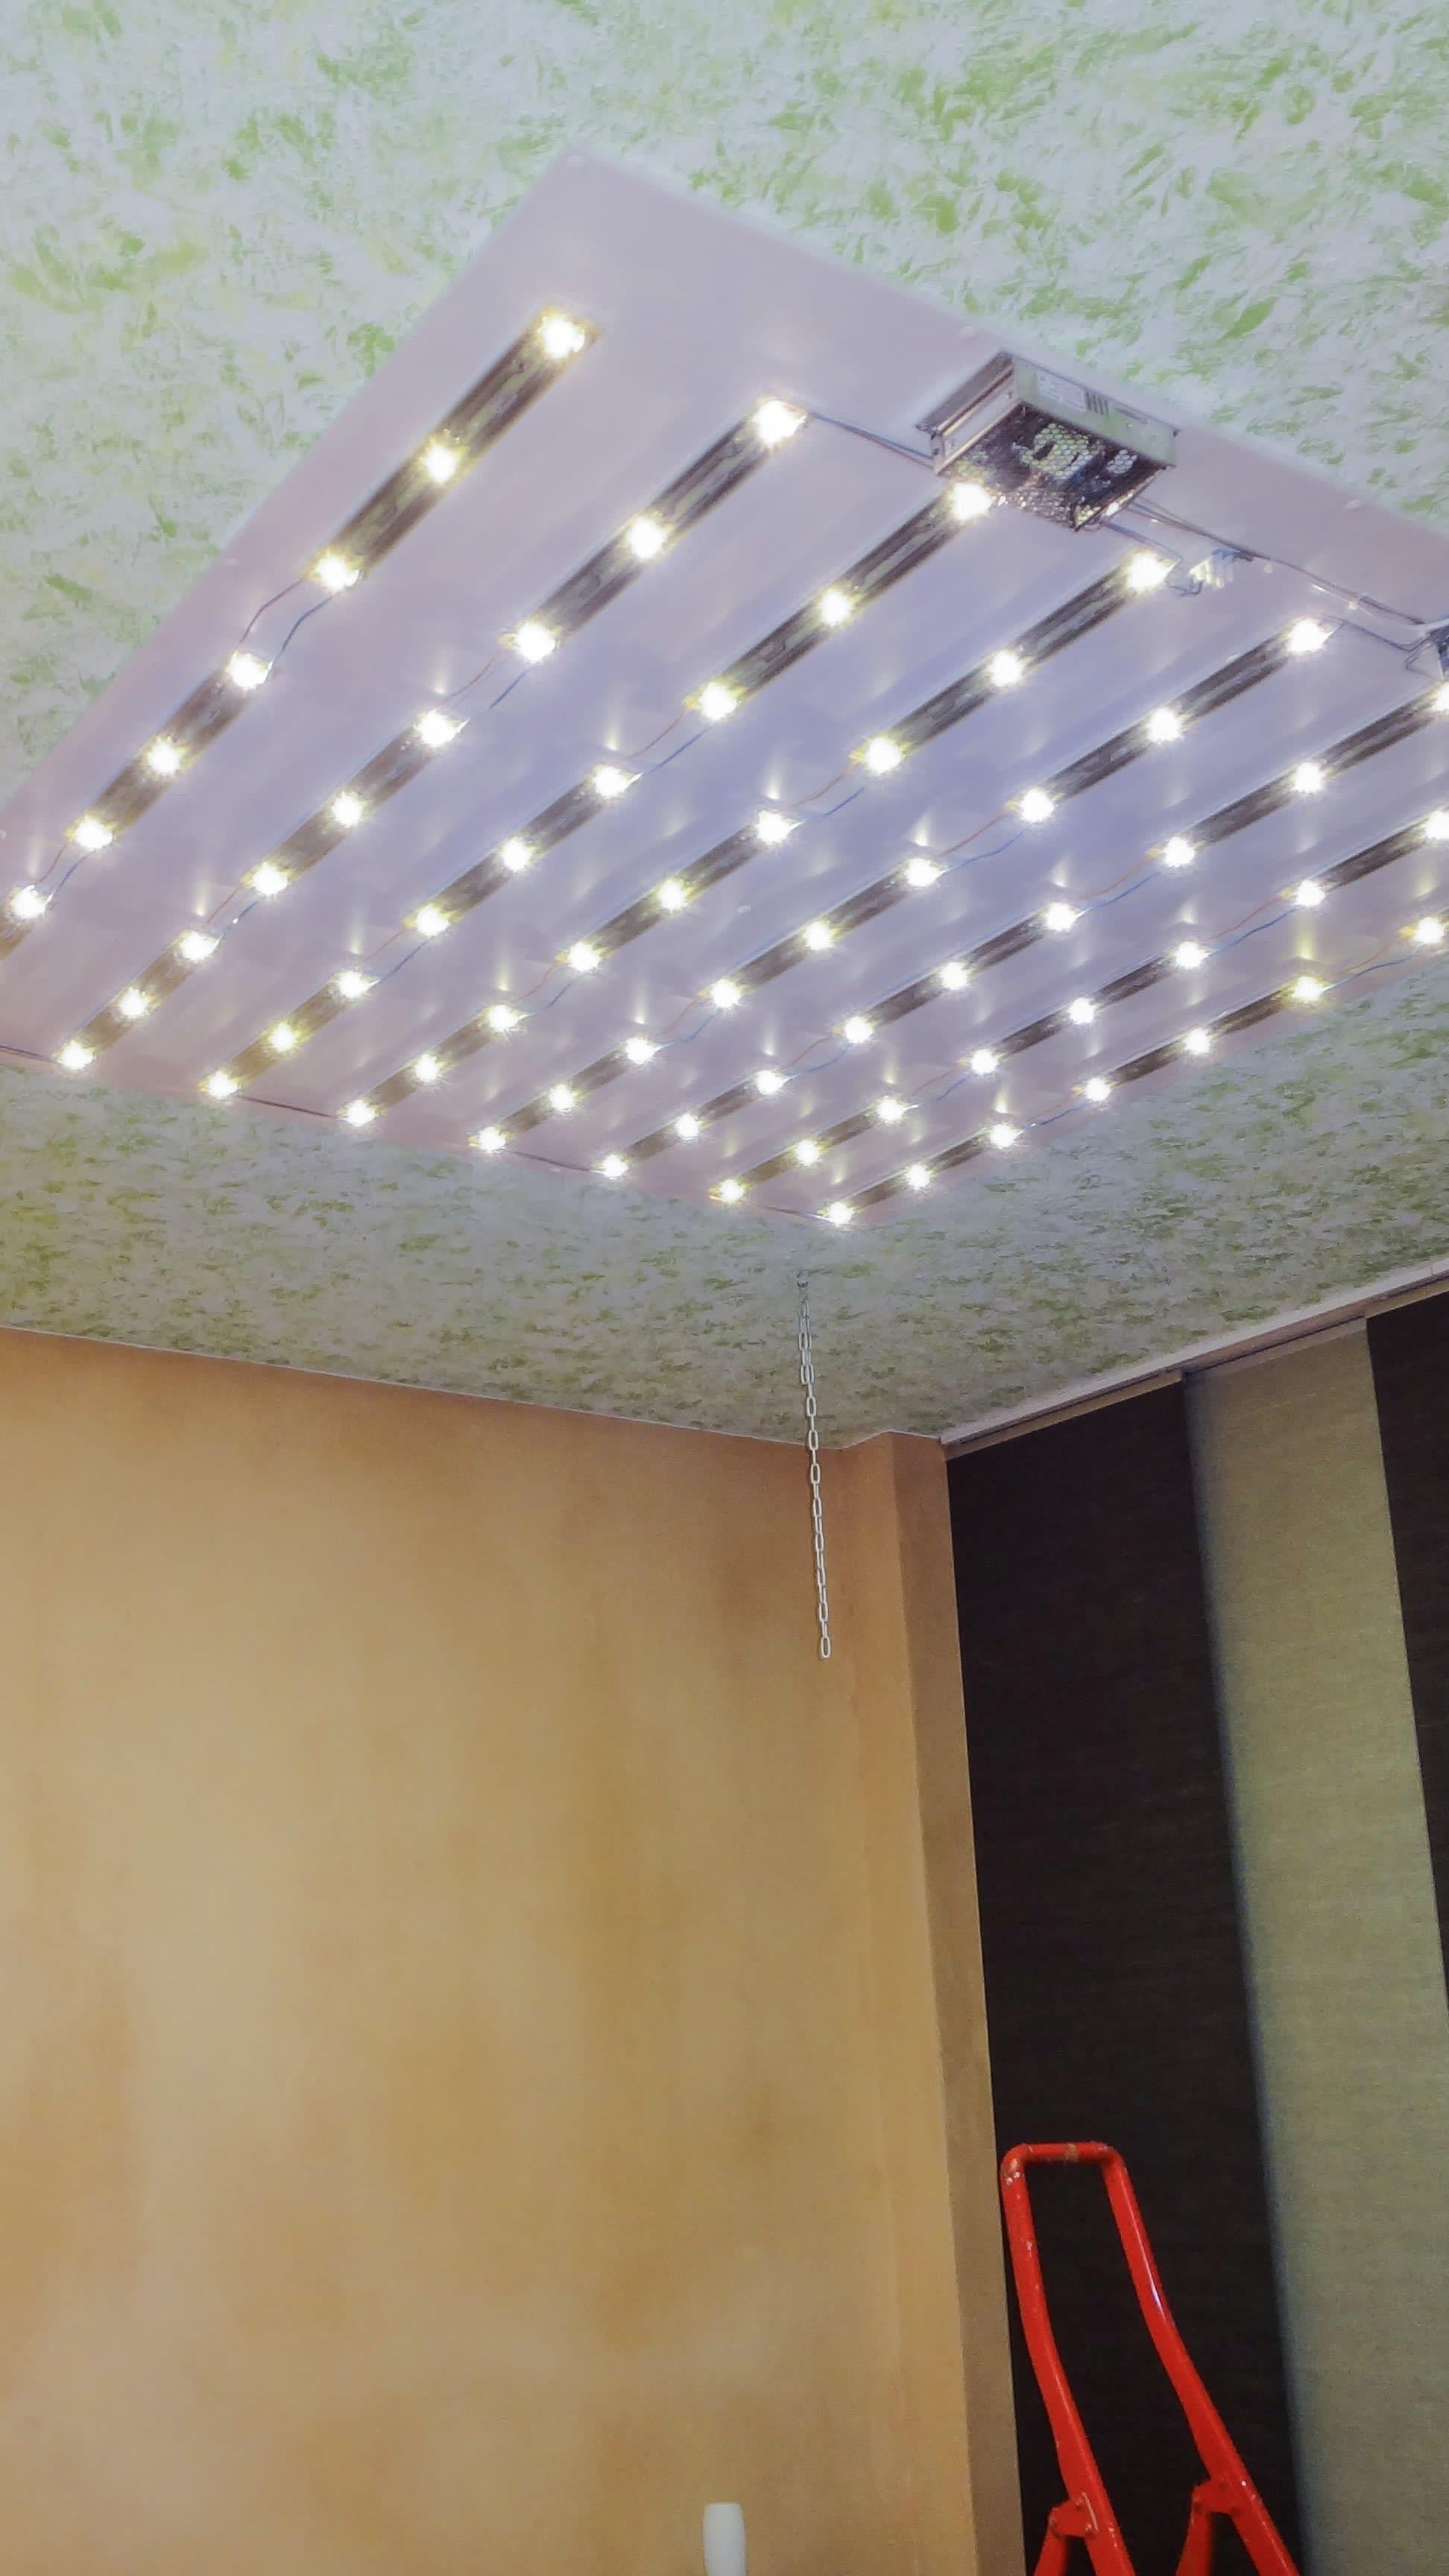 Privates Schlafzimmer Deckensegel Print offener Lichtkasten